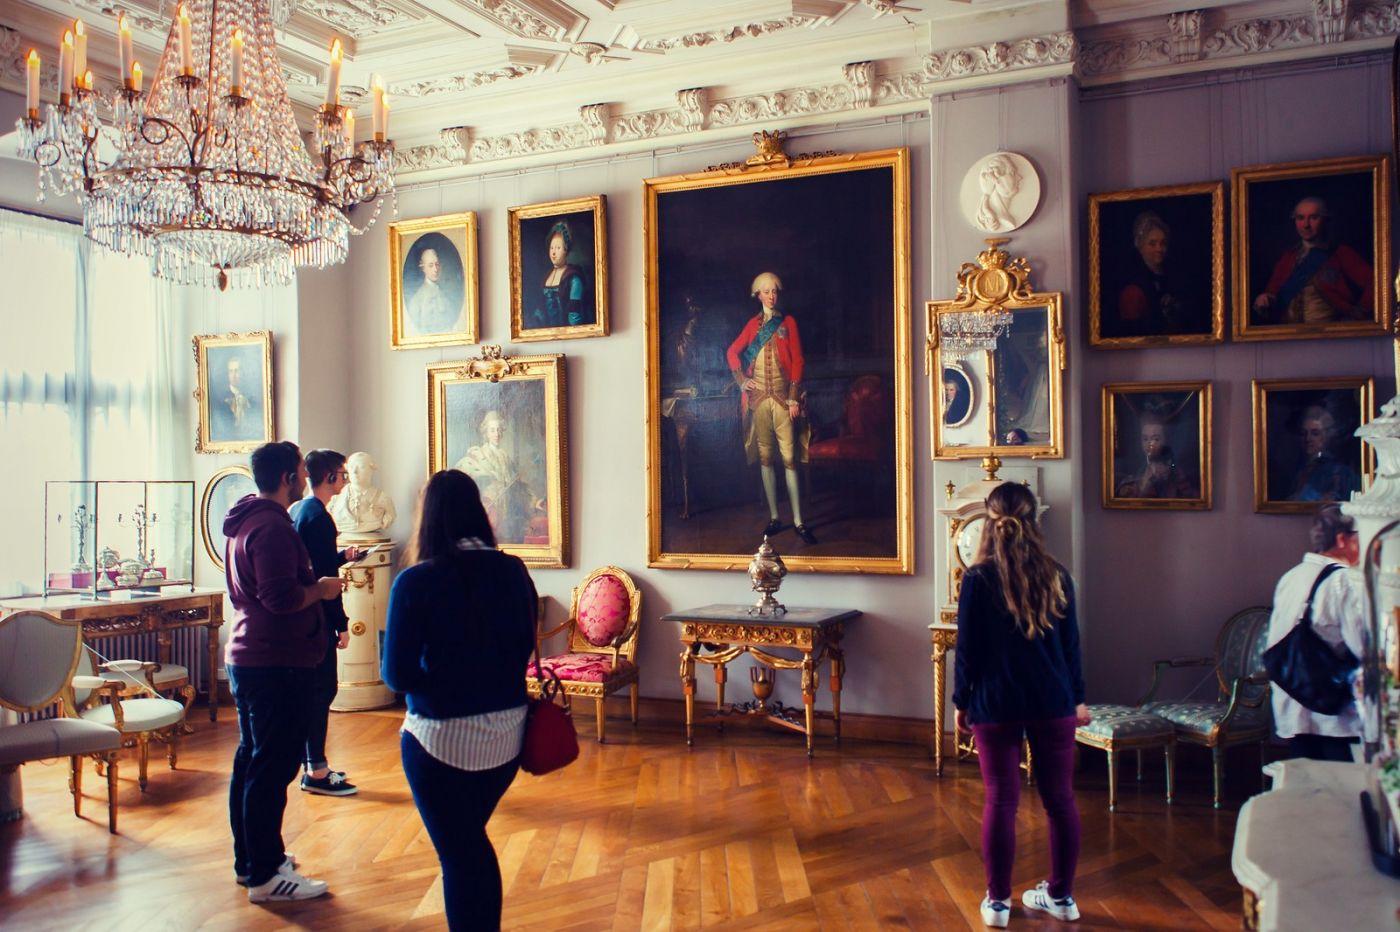 丹麦腓特烈堡城堡,当年的风采_图1-4